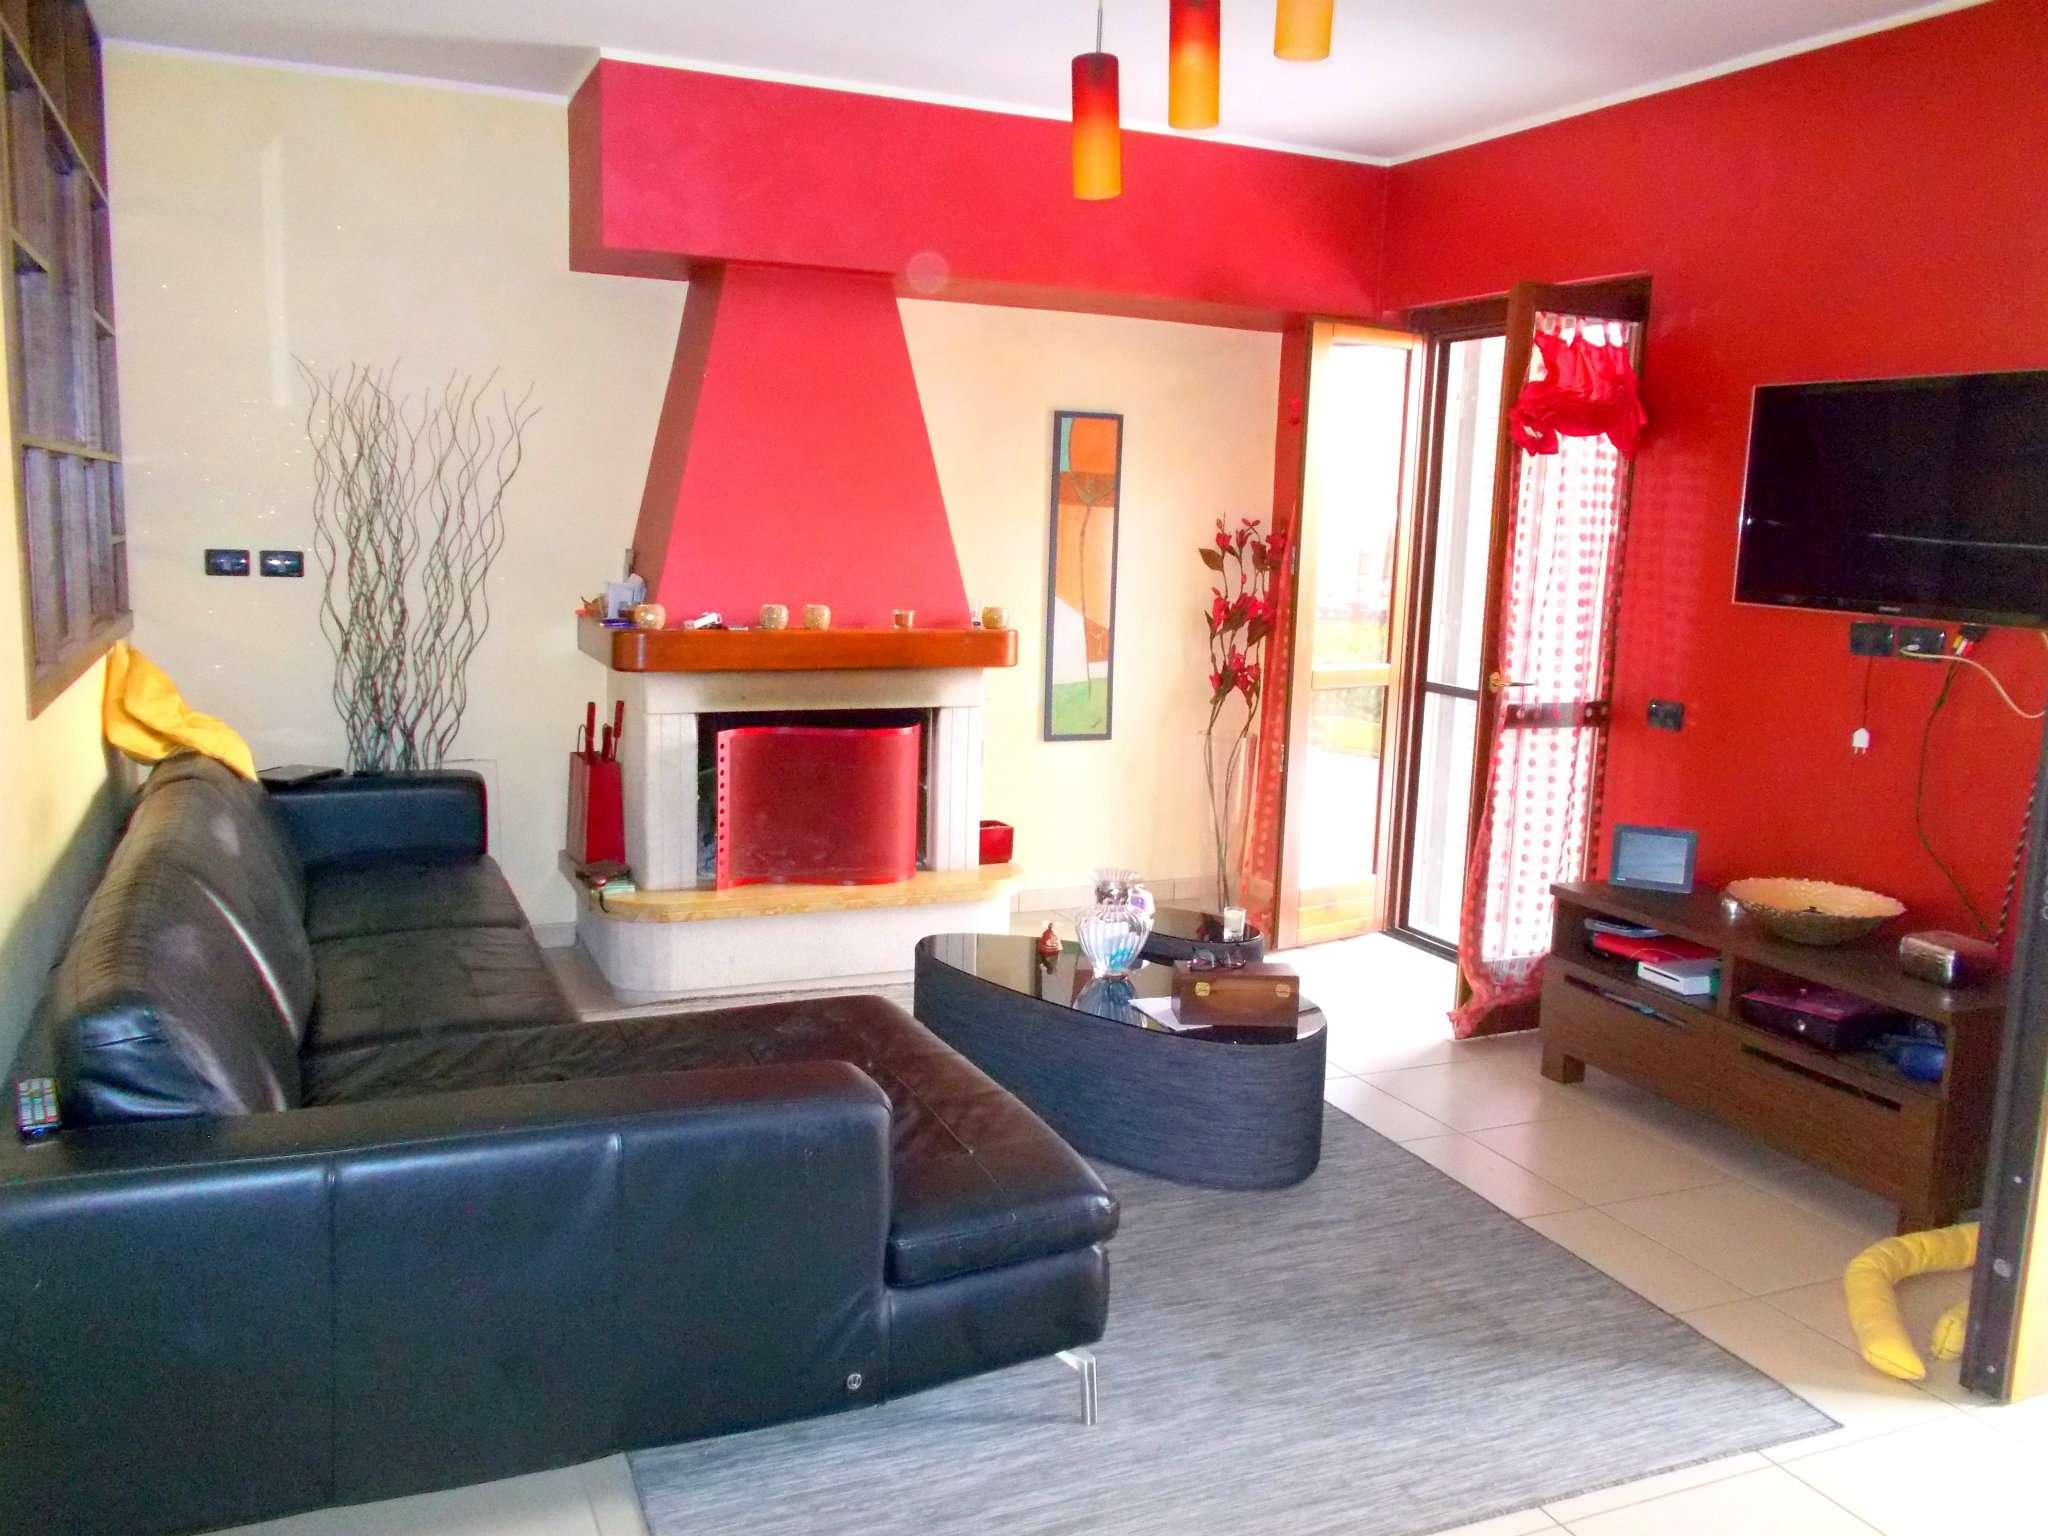 Soluzione Semindipendente in affitto a Santa Maria a Vico, 5 locali, prezzo € 370 | Cambio Casa.it